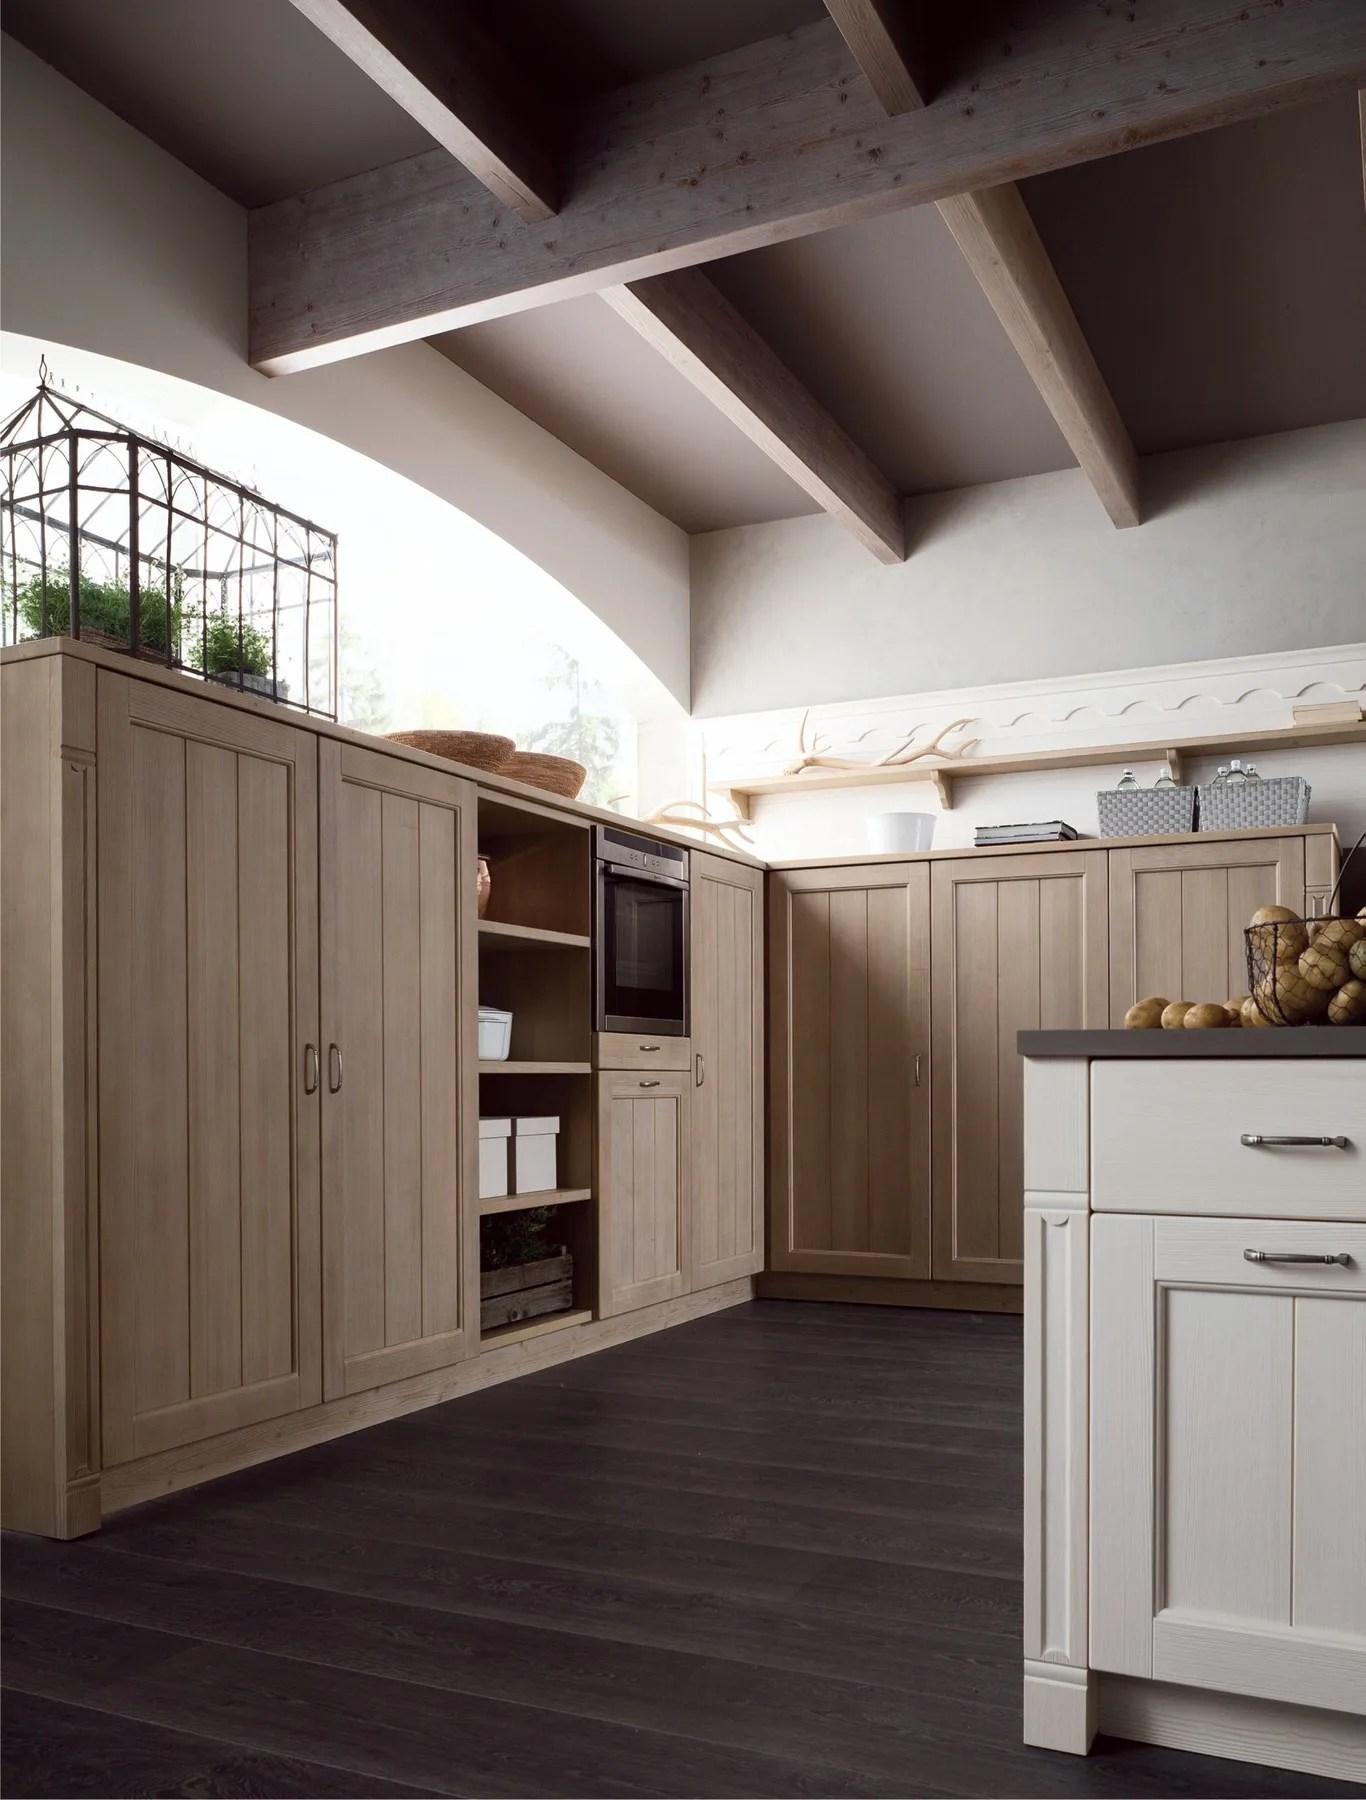 Cucina in stile rustico con penisola TABI T01 by Scandola